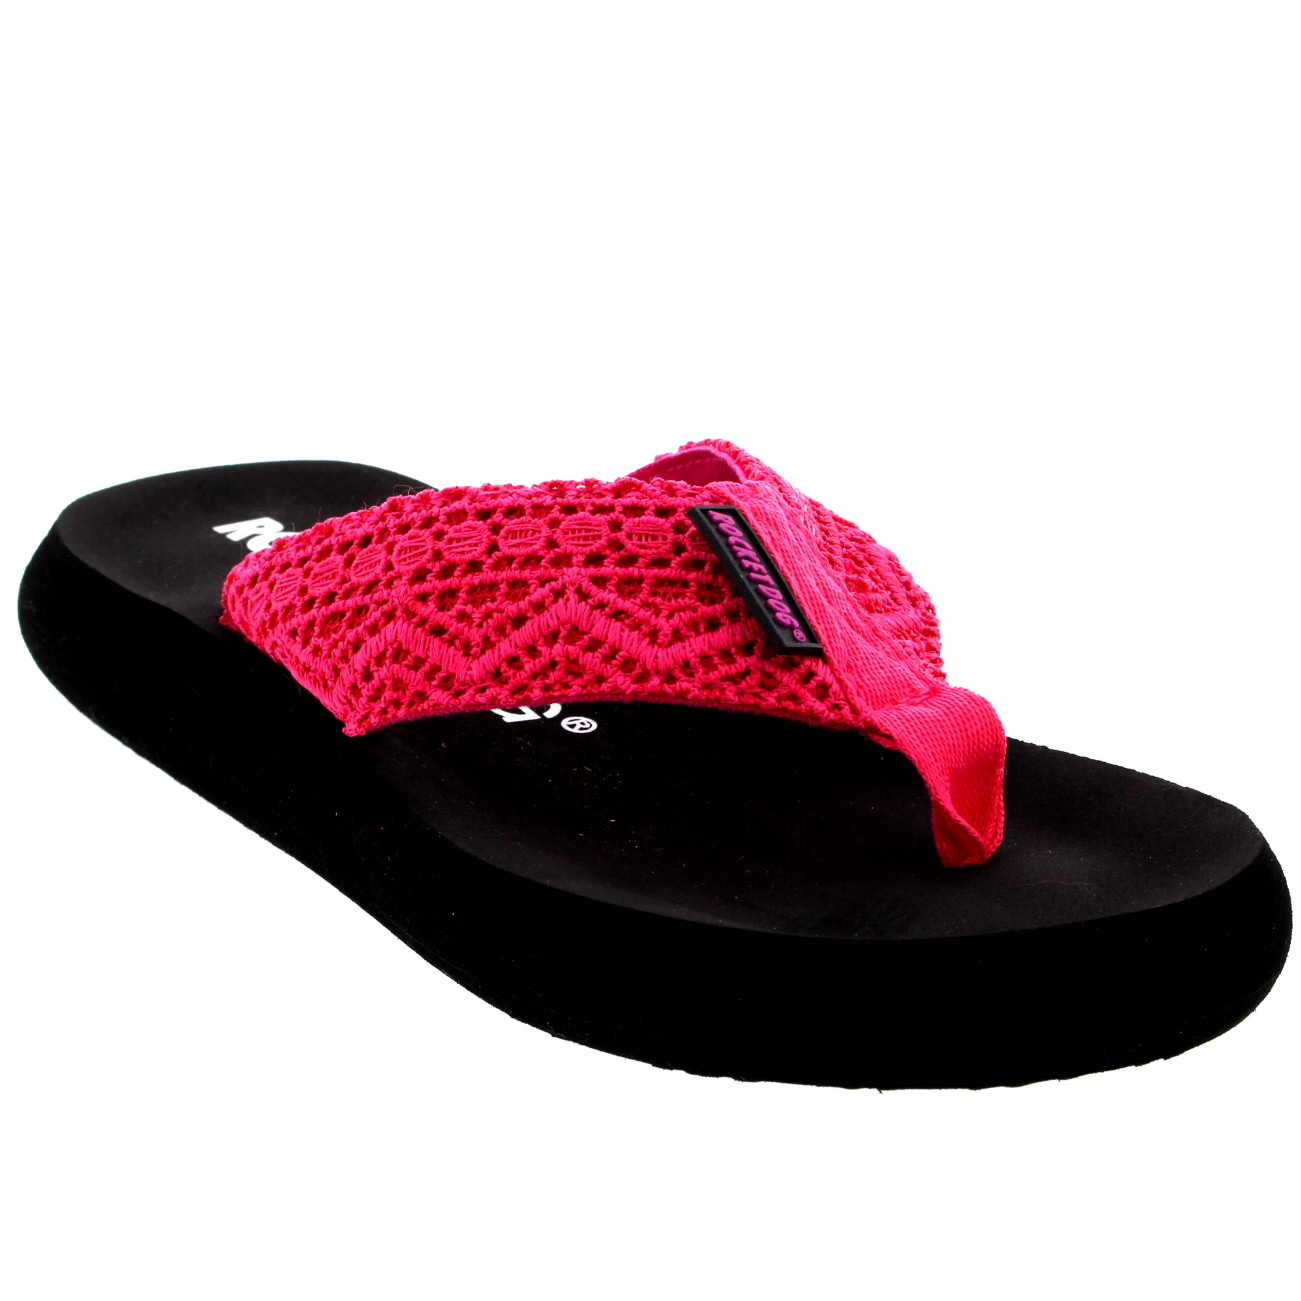 2f72c82825a Womens Rocket Dog Spotlight Lima Crochet Sandals Beach Summer Flip ...